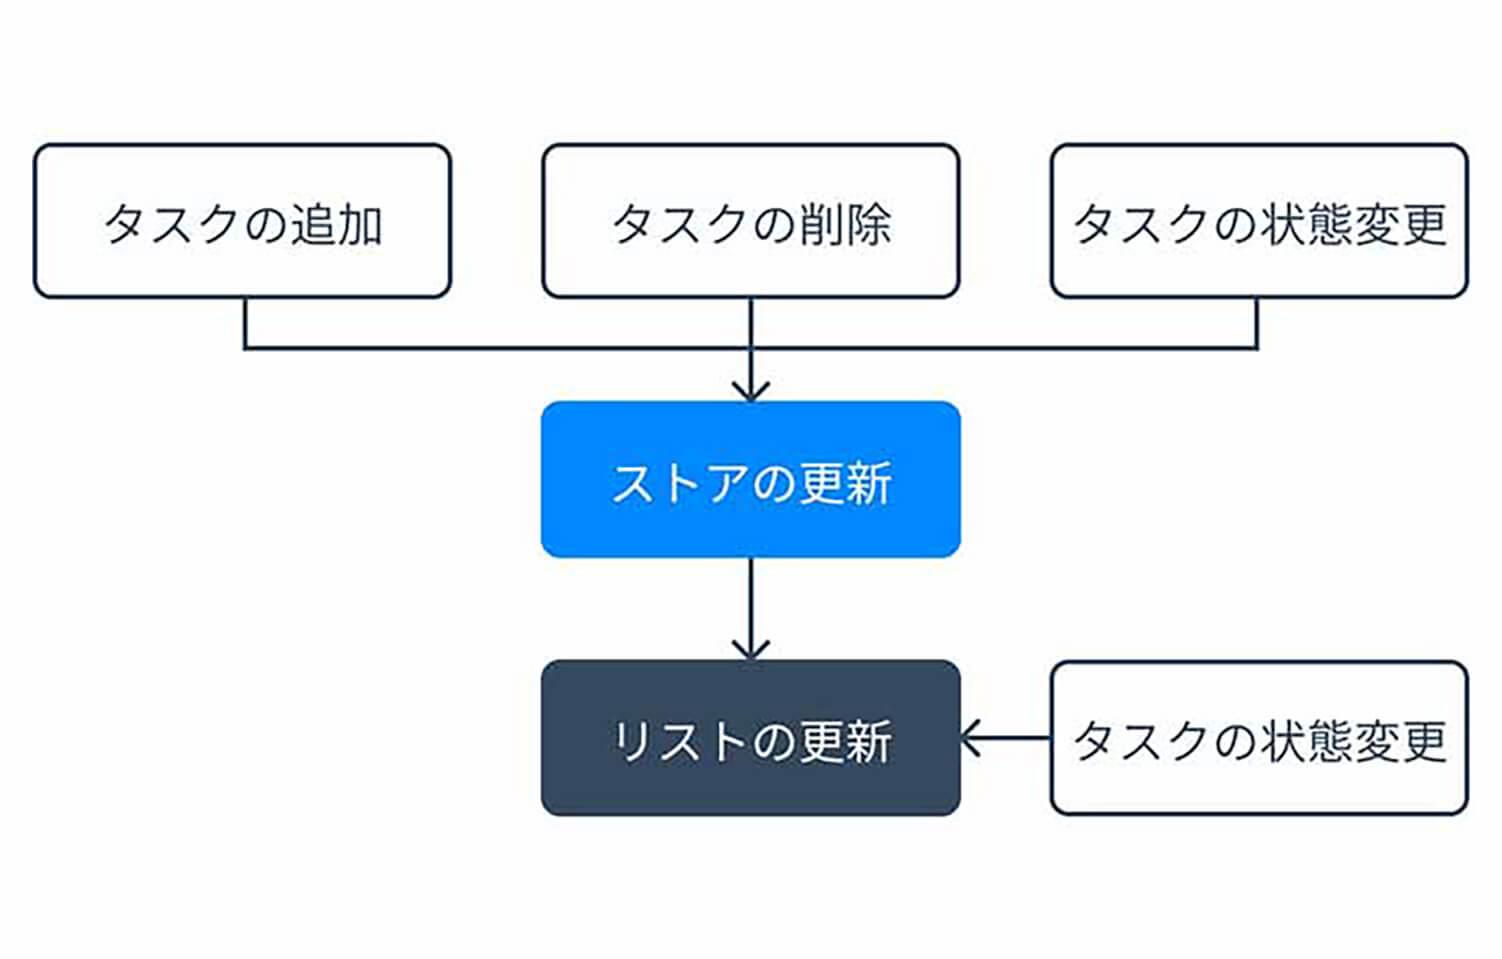 機能の簡略図